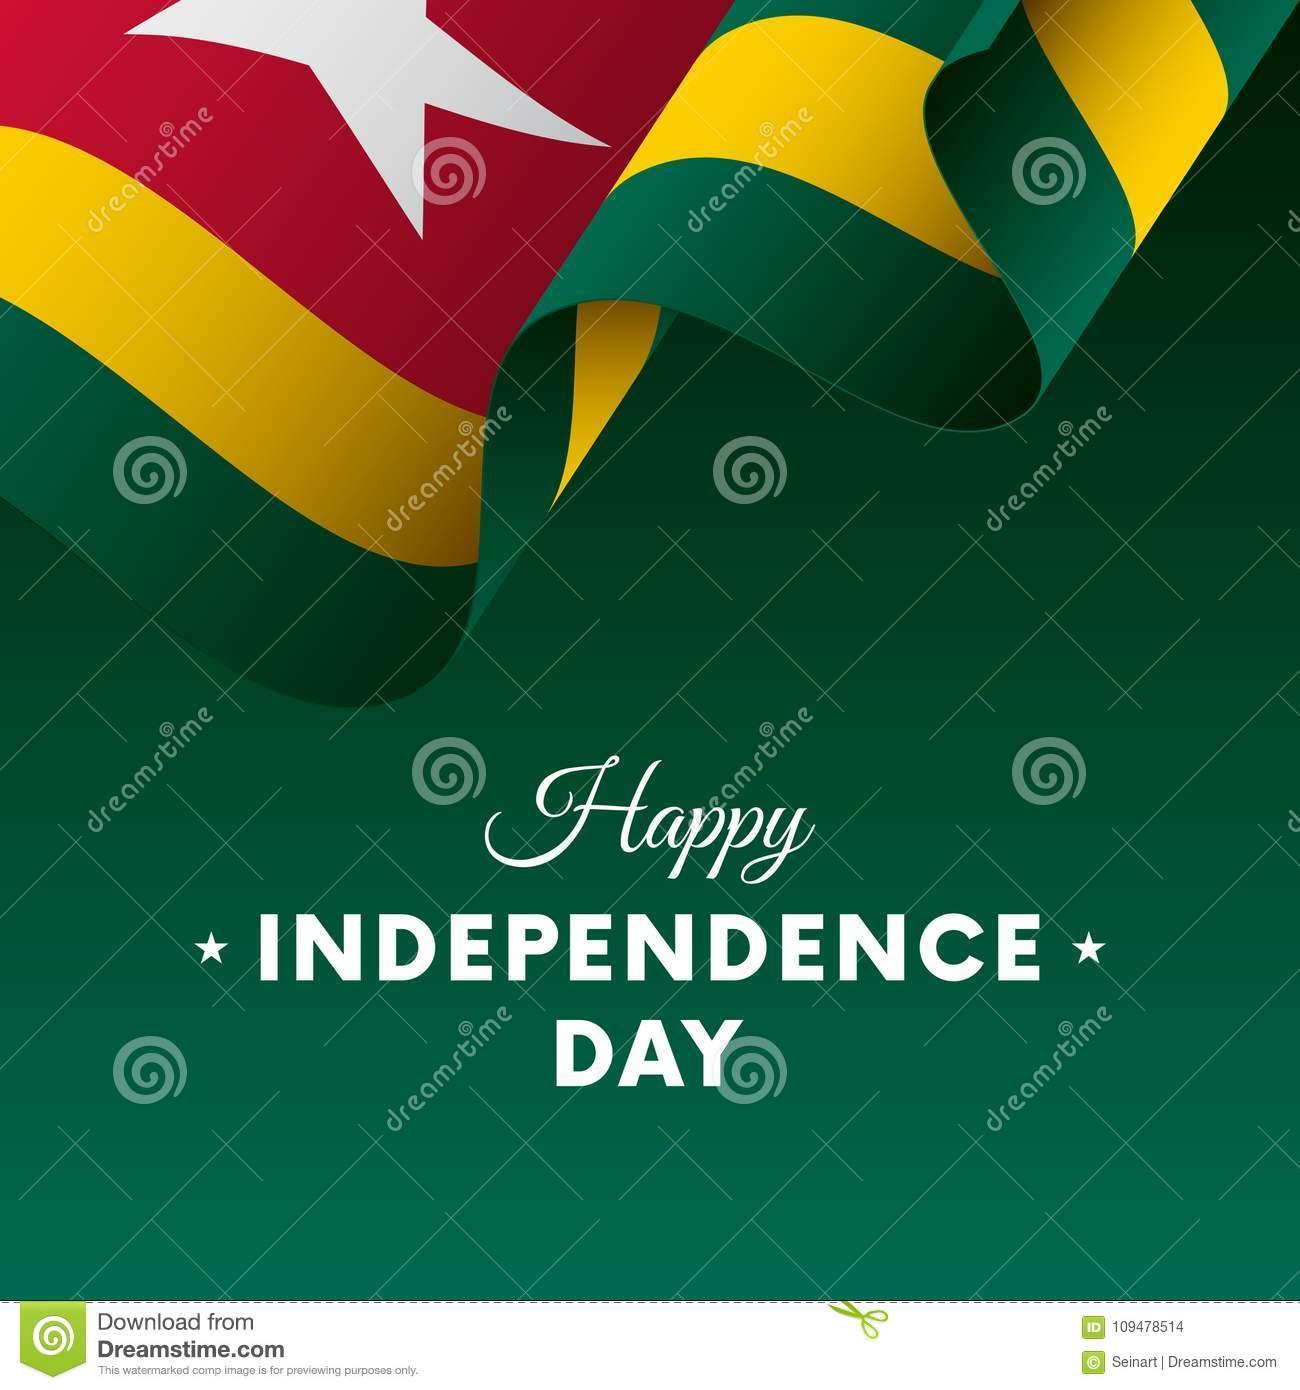 Le Togo commémore sa soixantième année d'indépendance